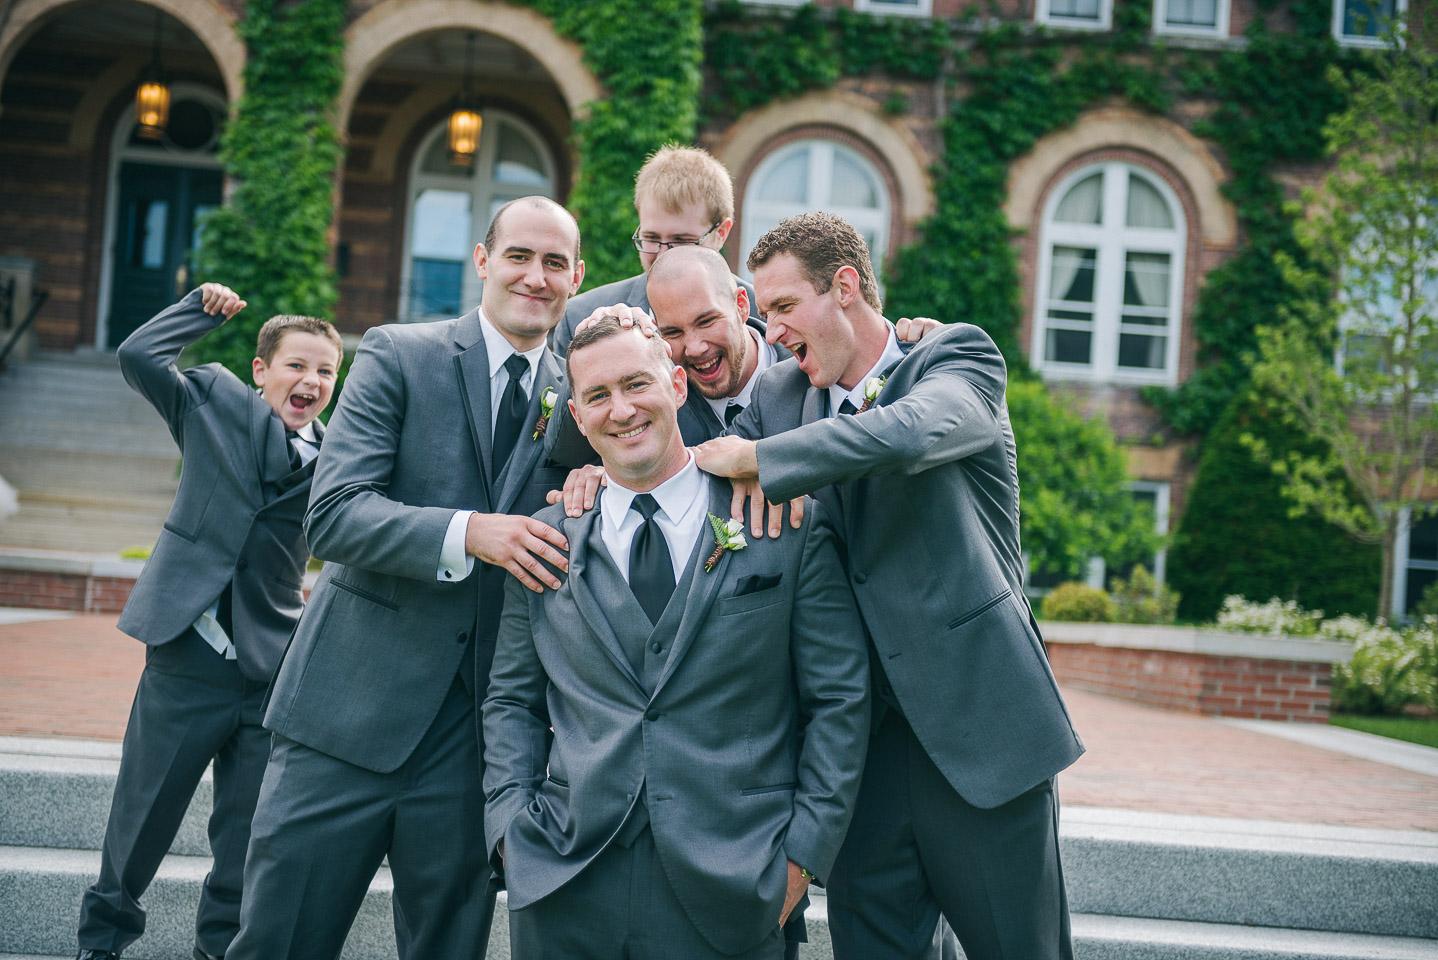 NH Wedding Photographer: groom with groomsmen